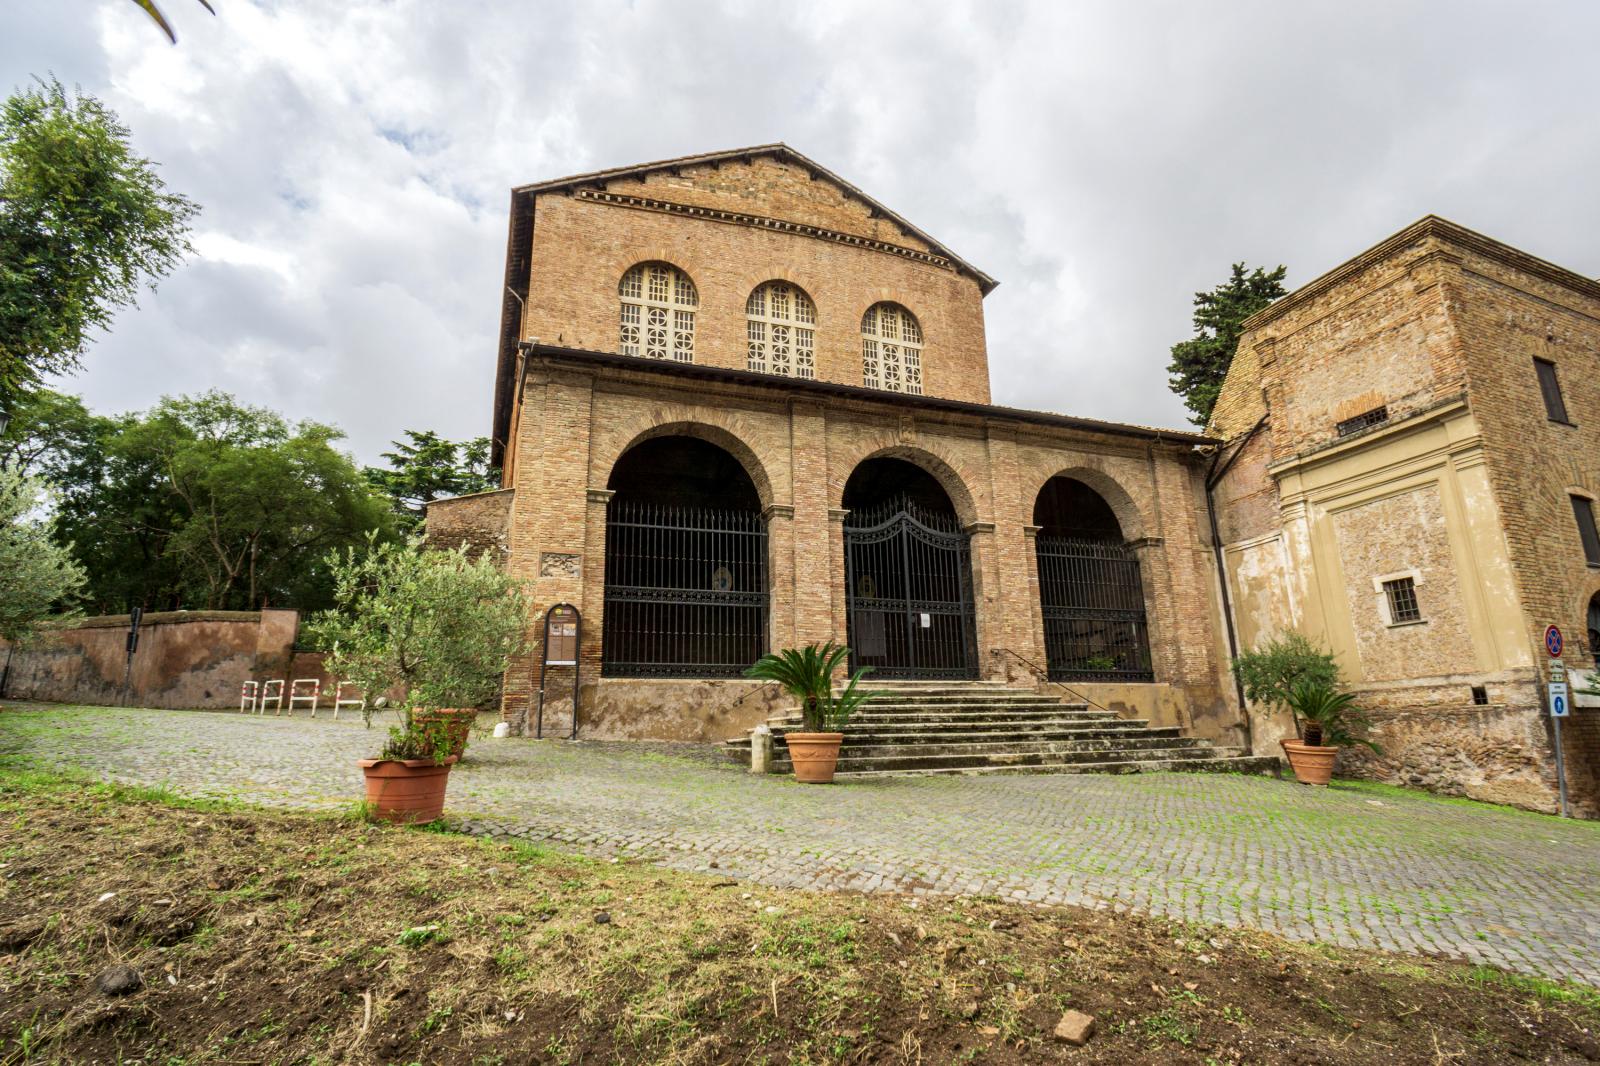 Basílica de Santa Balbina, a mártir que encontrou as correntes de São Pedro